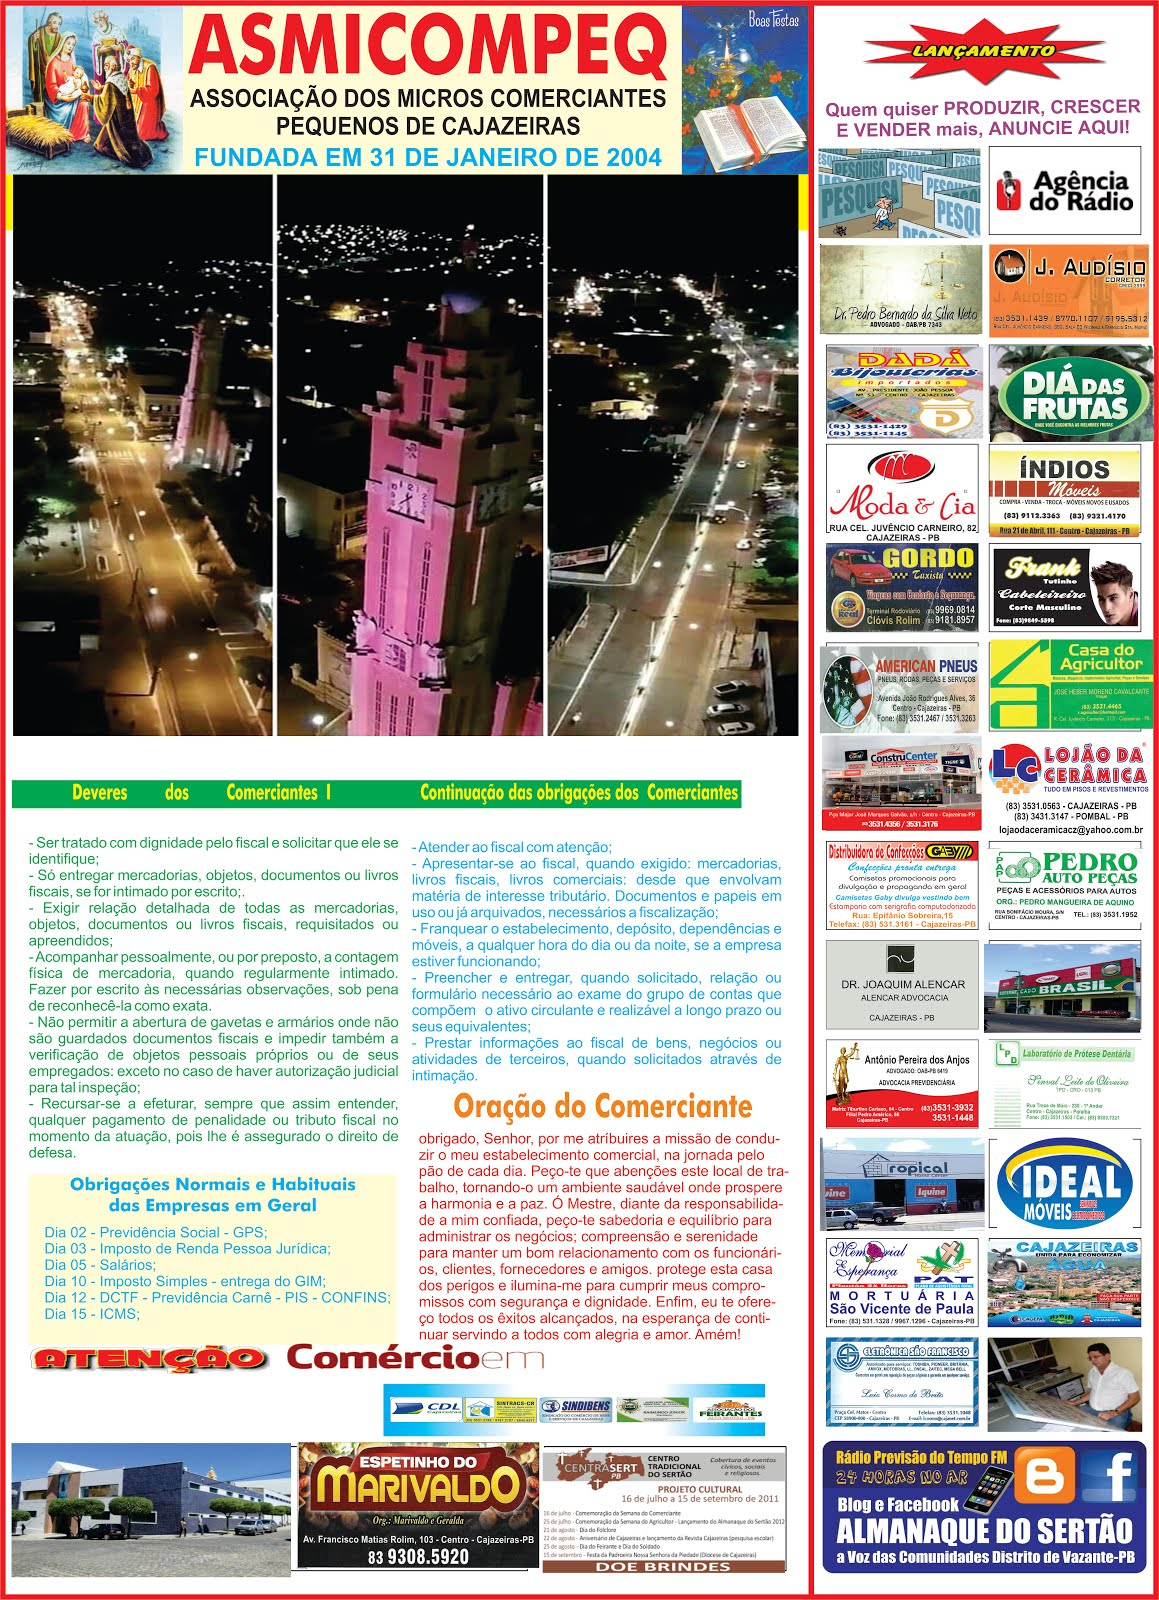 CALENDÁRIO  DE ATIVIDADES DO COMERCIO  OS POBRES COMERCIANTES  PAGAM ALTOS  IMPOSTOS LUZ  ÁGUAS